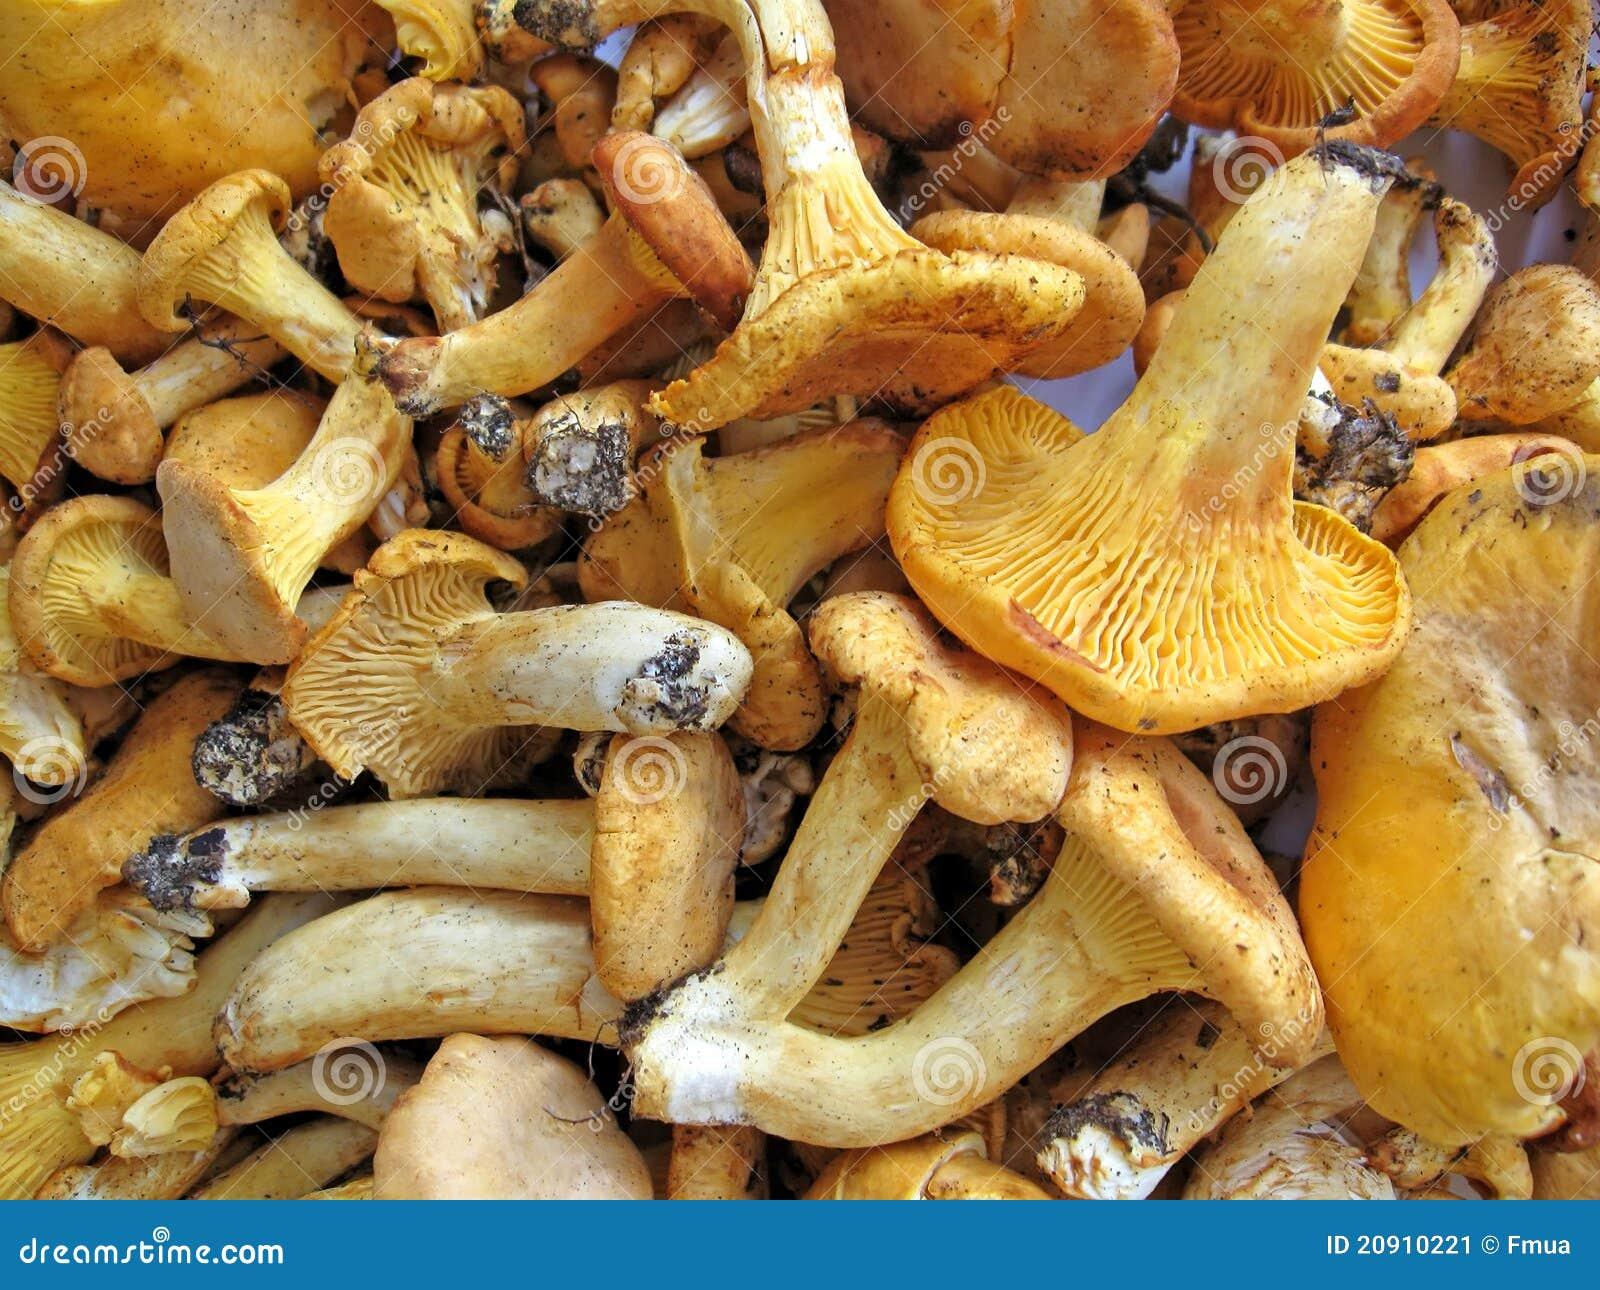 production de champignons comestibles pdf